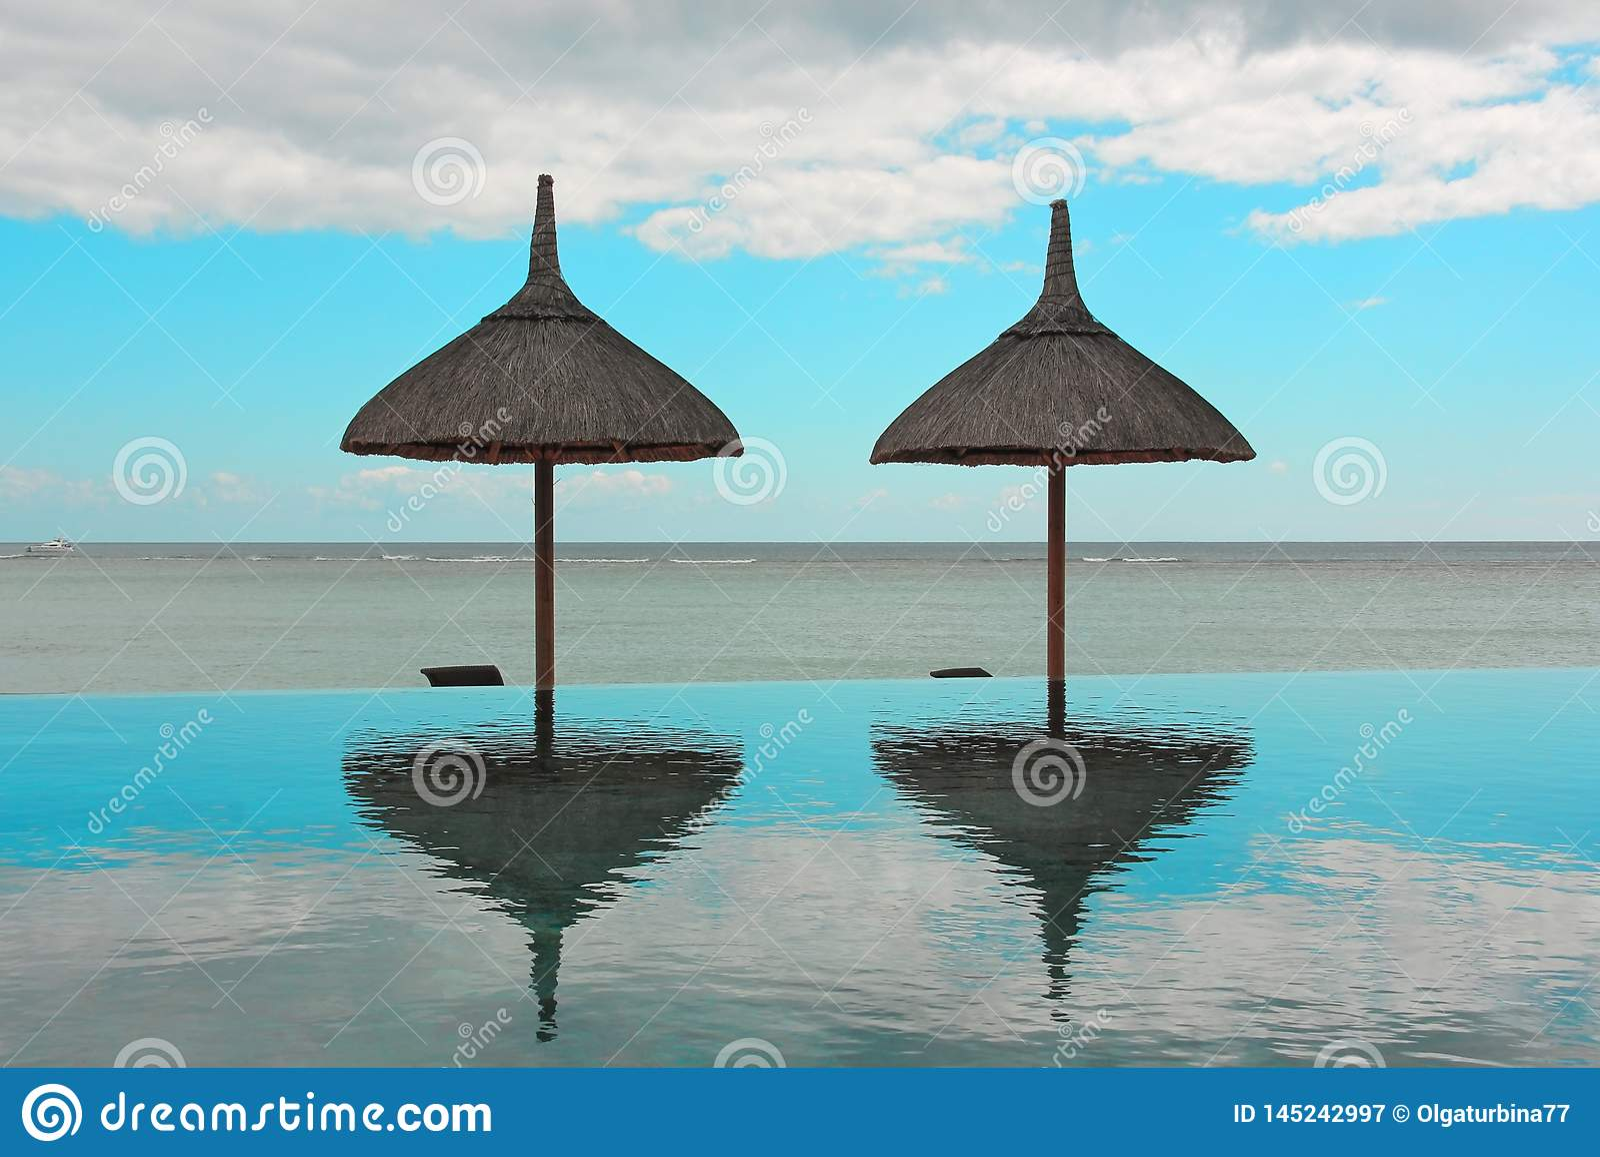 Piscine de parapluies de plage et d infini ? une station de vacances tropicale donnant sur l oc?an calme un jour d ?t